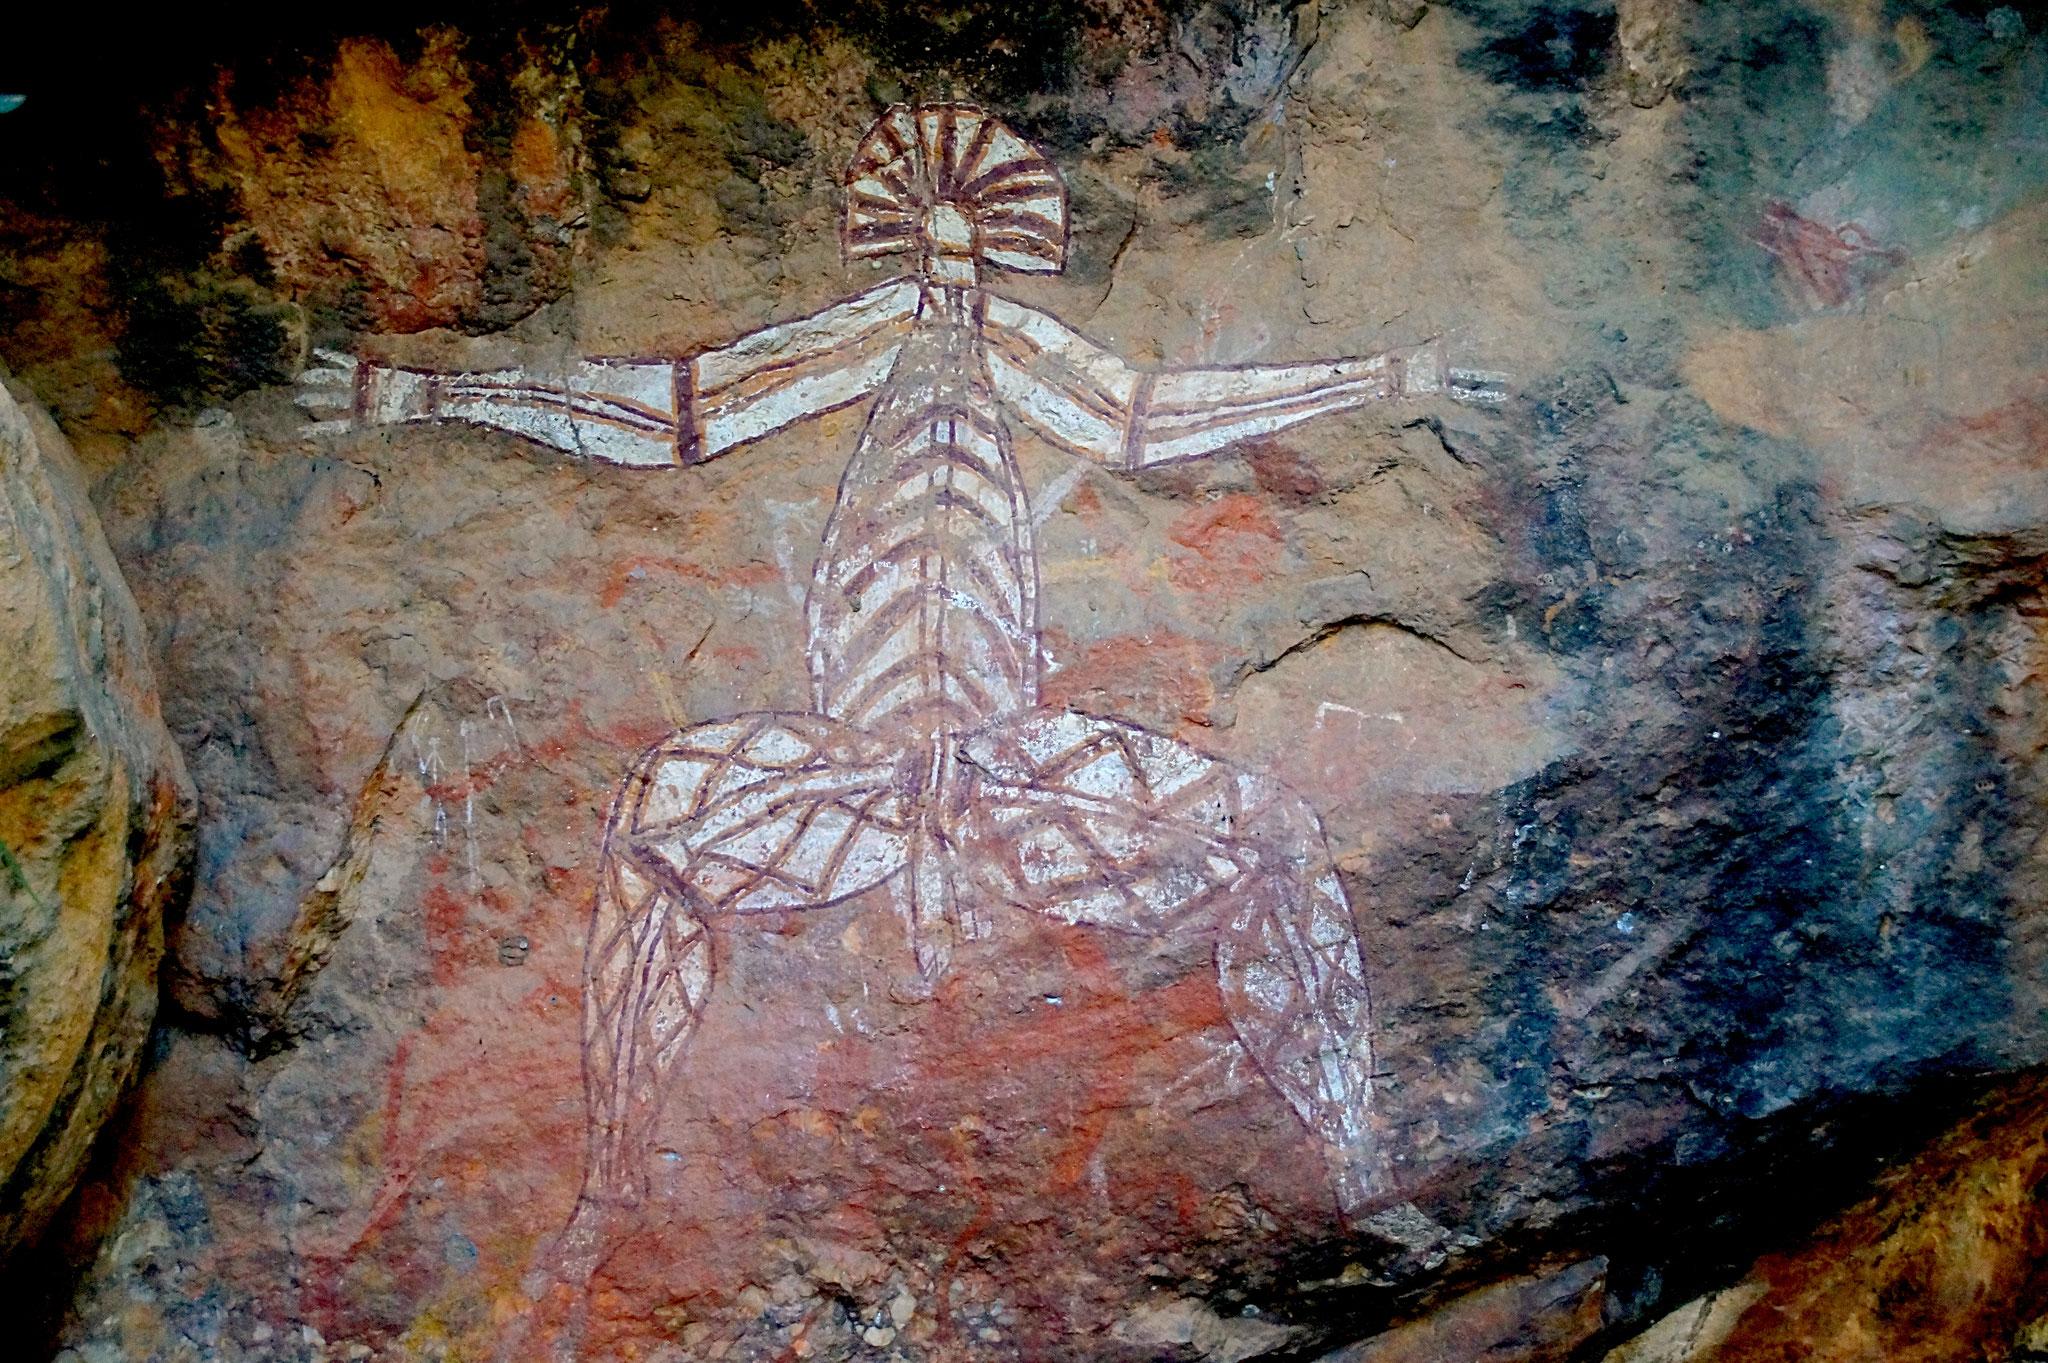 Das Felsgemälde zeigt Nabulwinjbulwinj - einen Hannibal Lecter der Traumzeit.